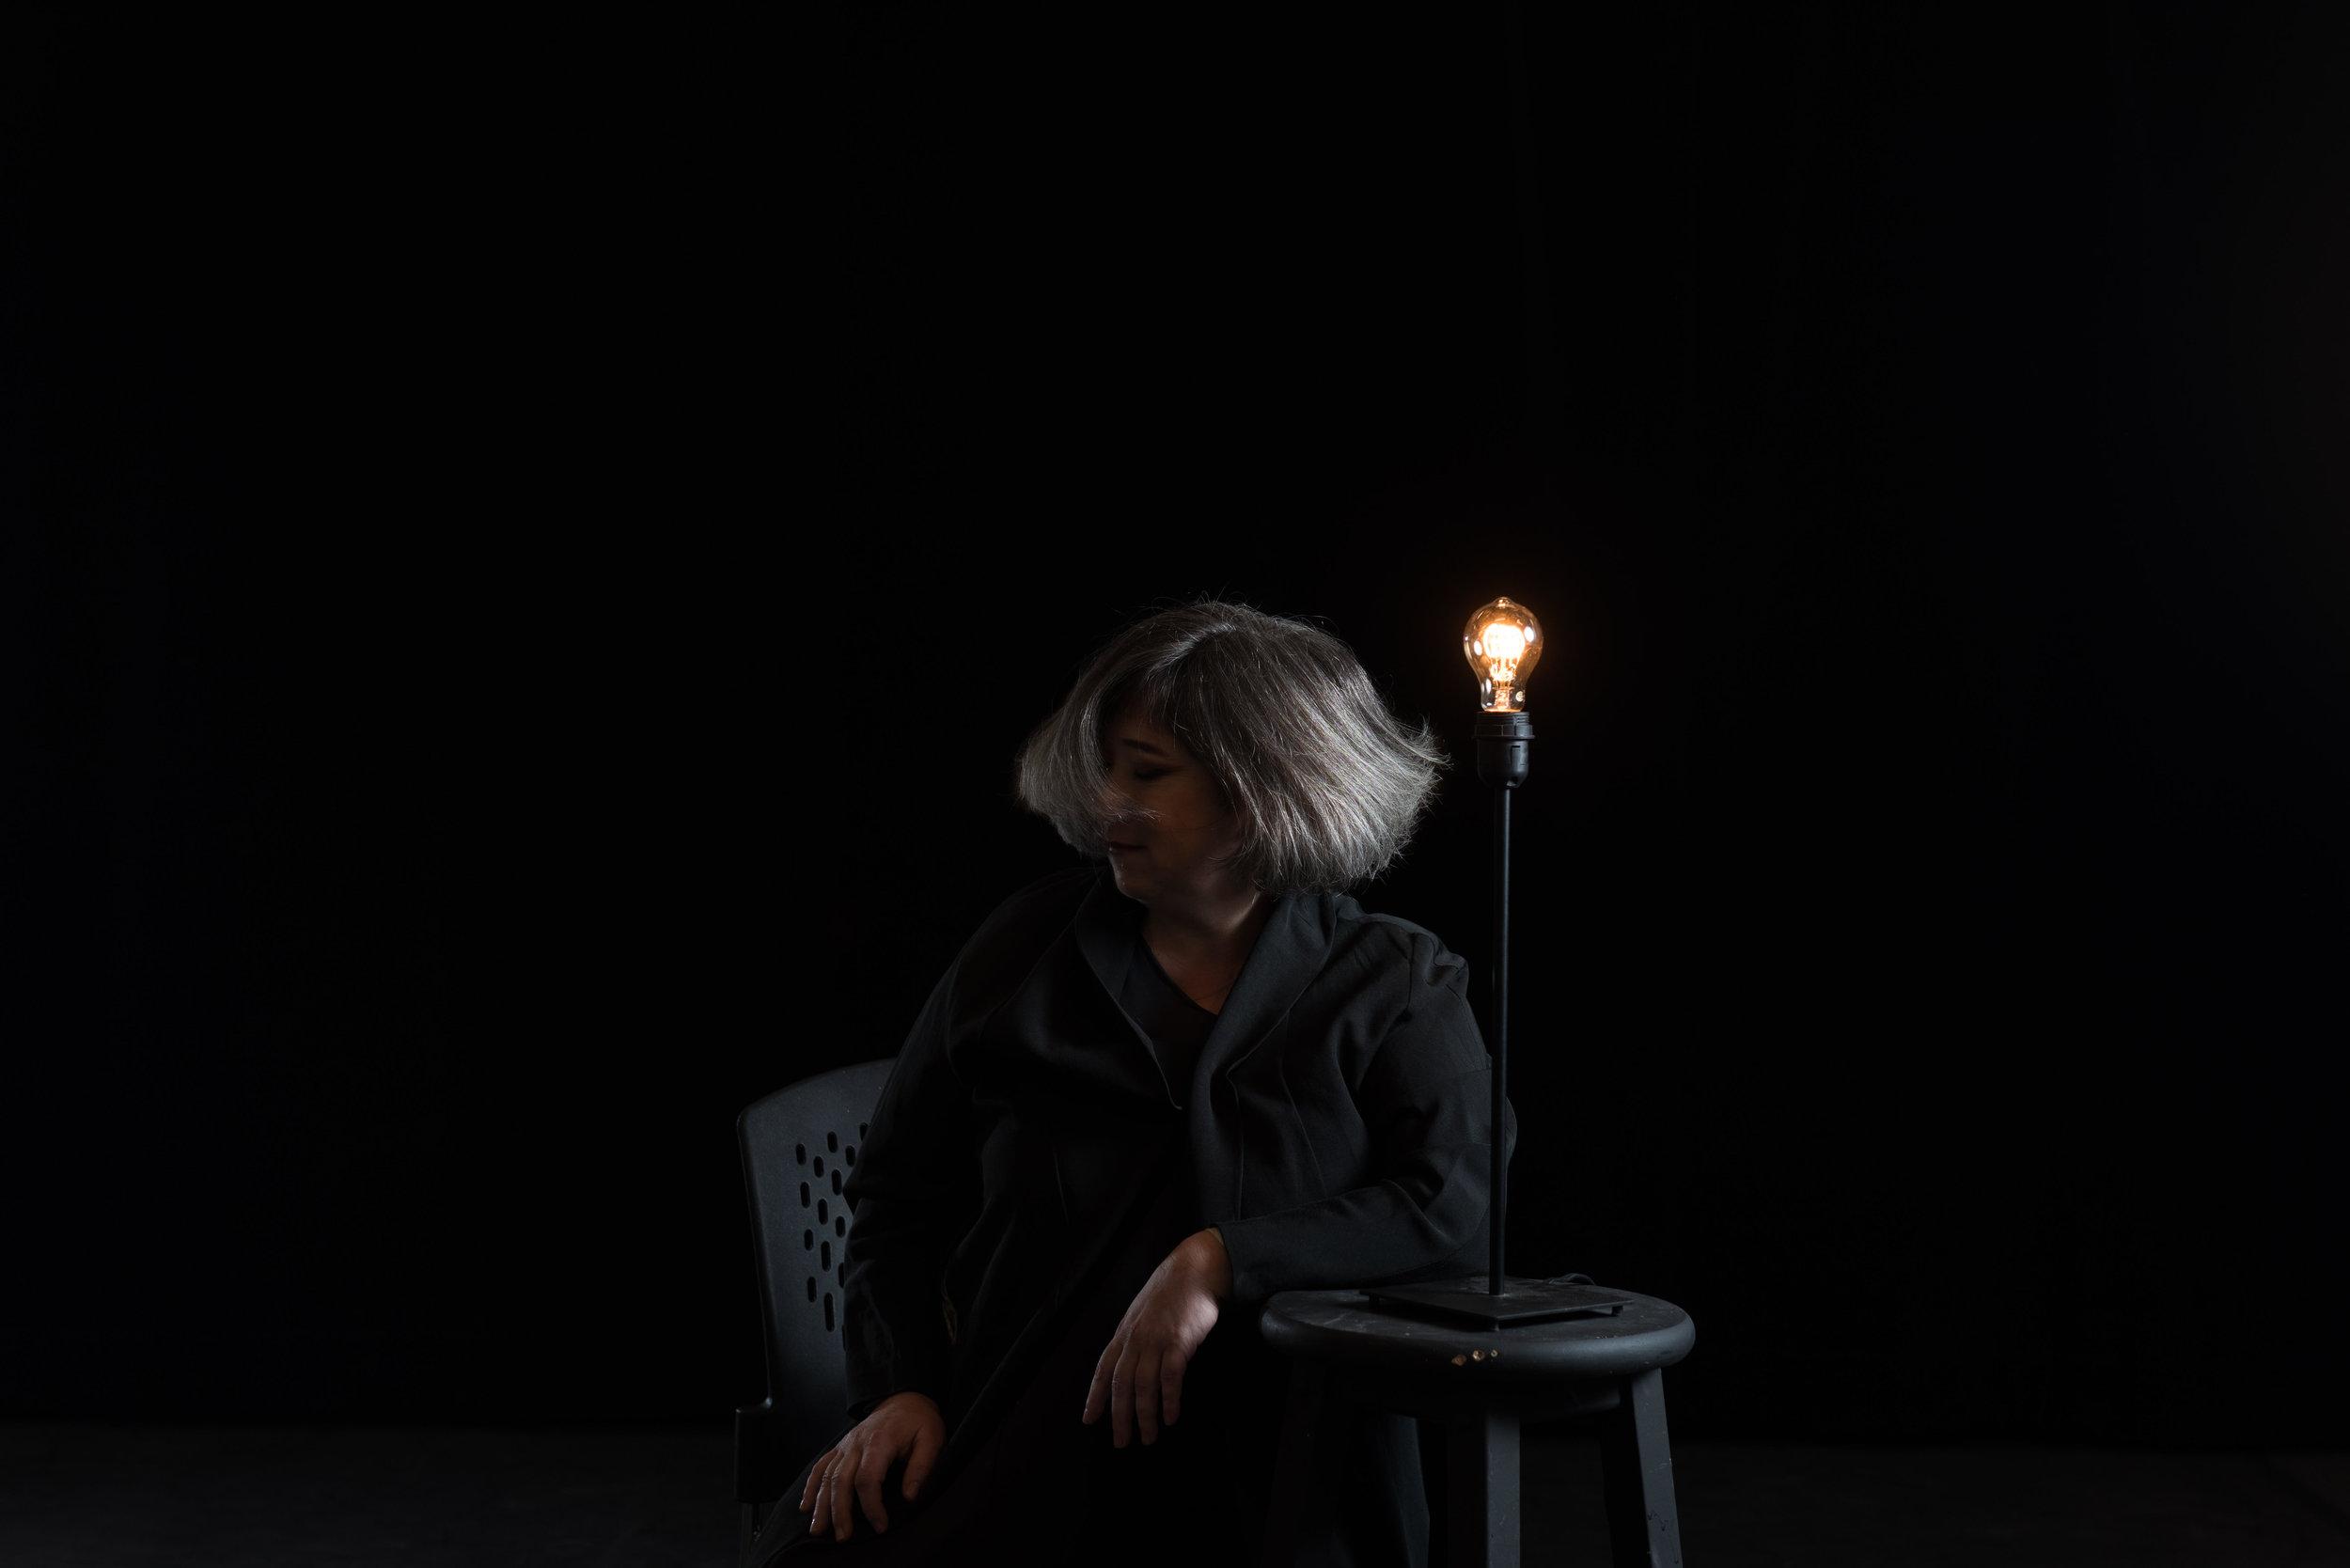 Julie-anne Saroyan